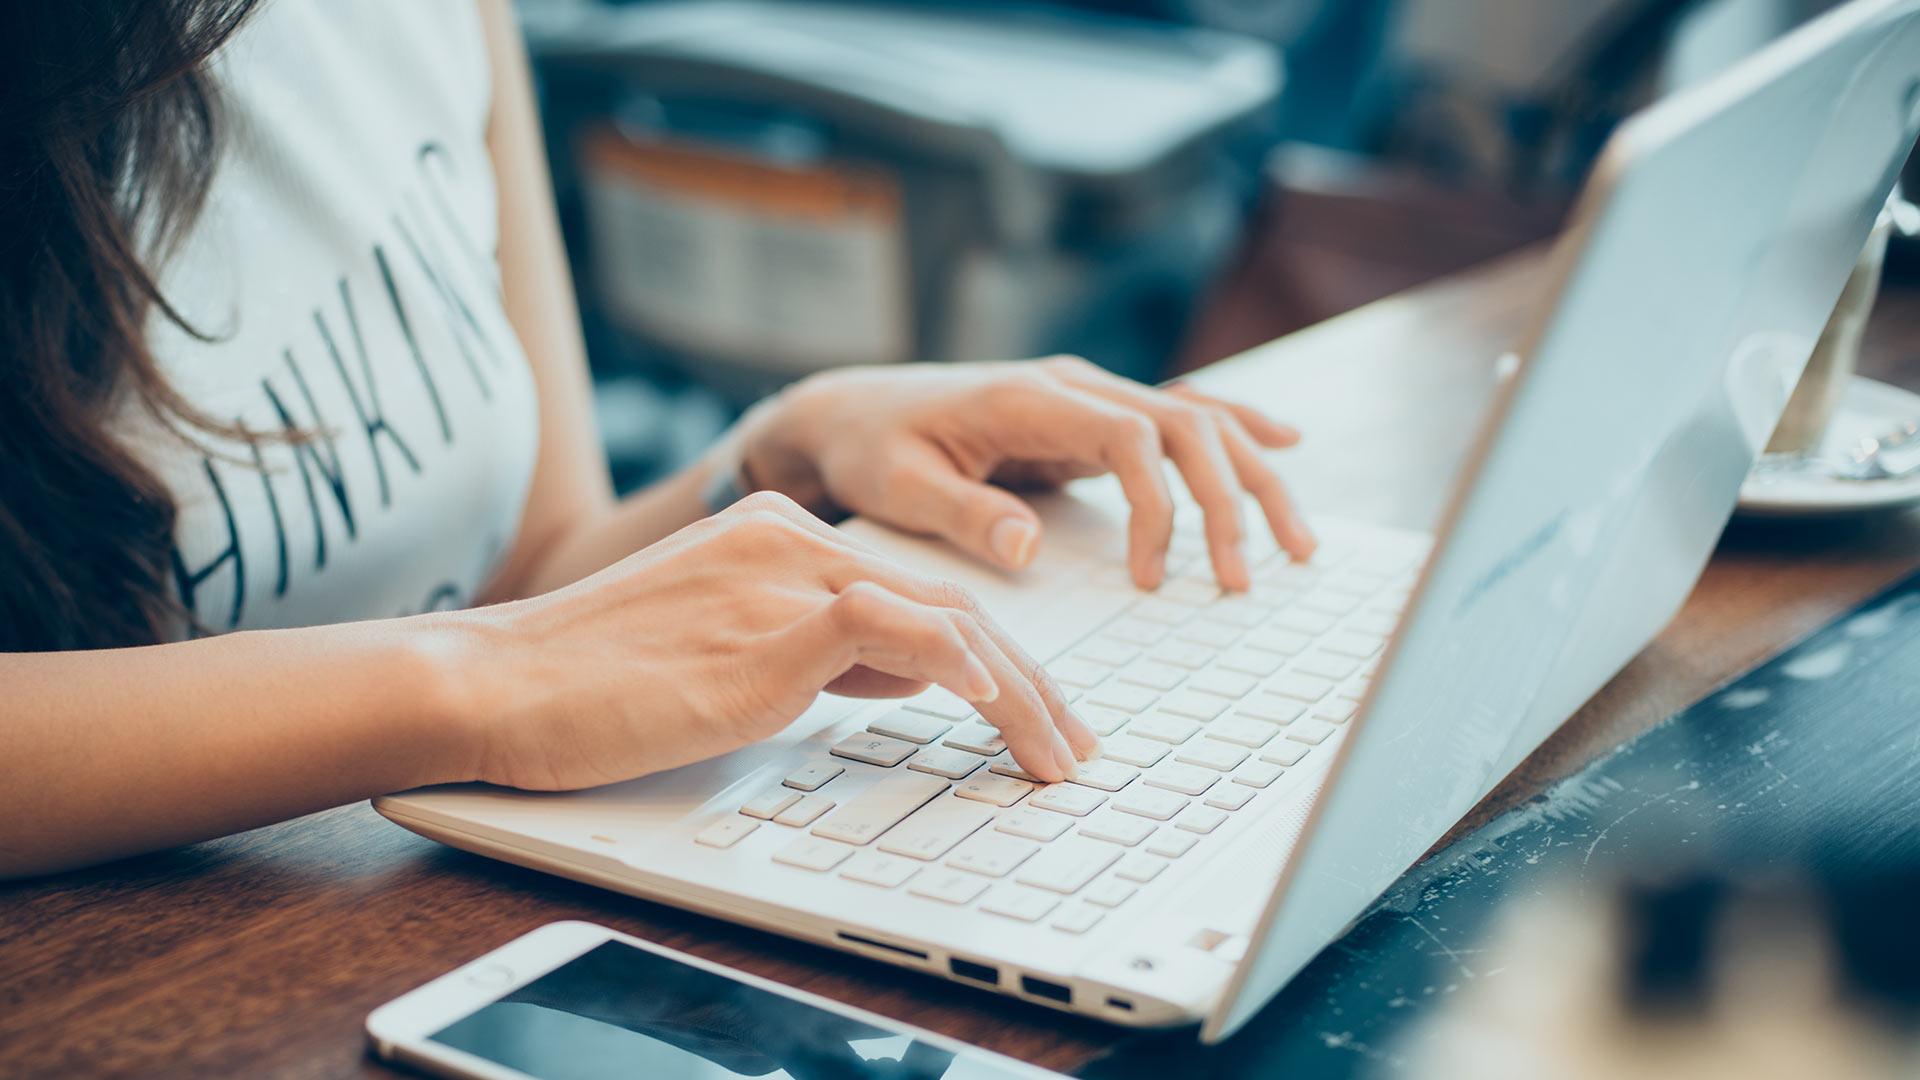 e-commerce, comercio electrónico, venta online, tienda física, comercio, canales de venta